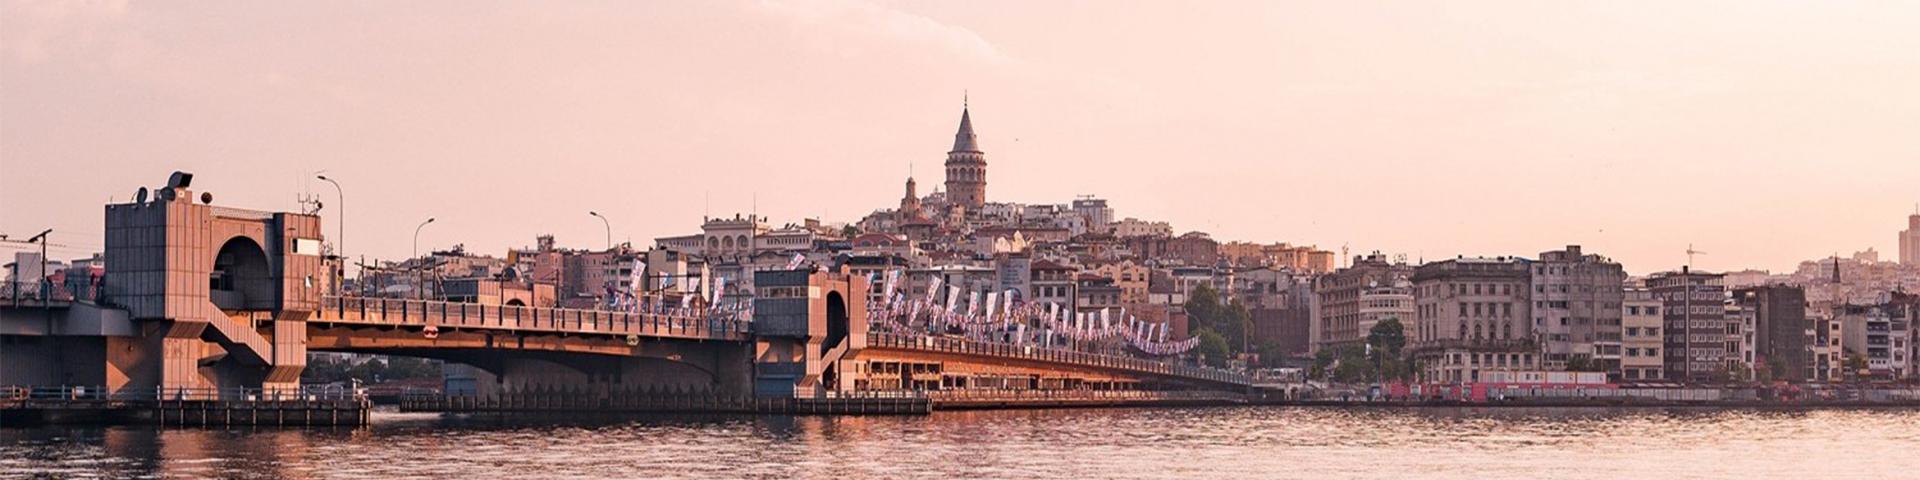 تورهای ترکیه همیشه سفر